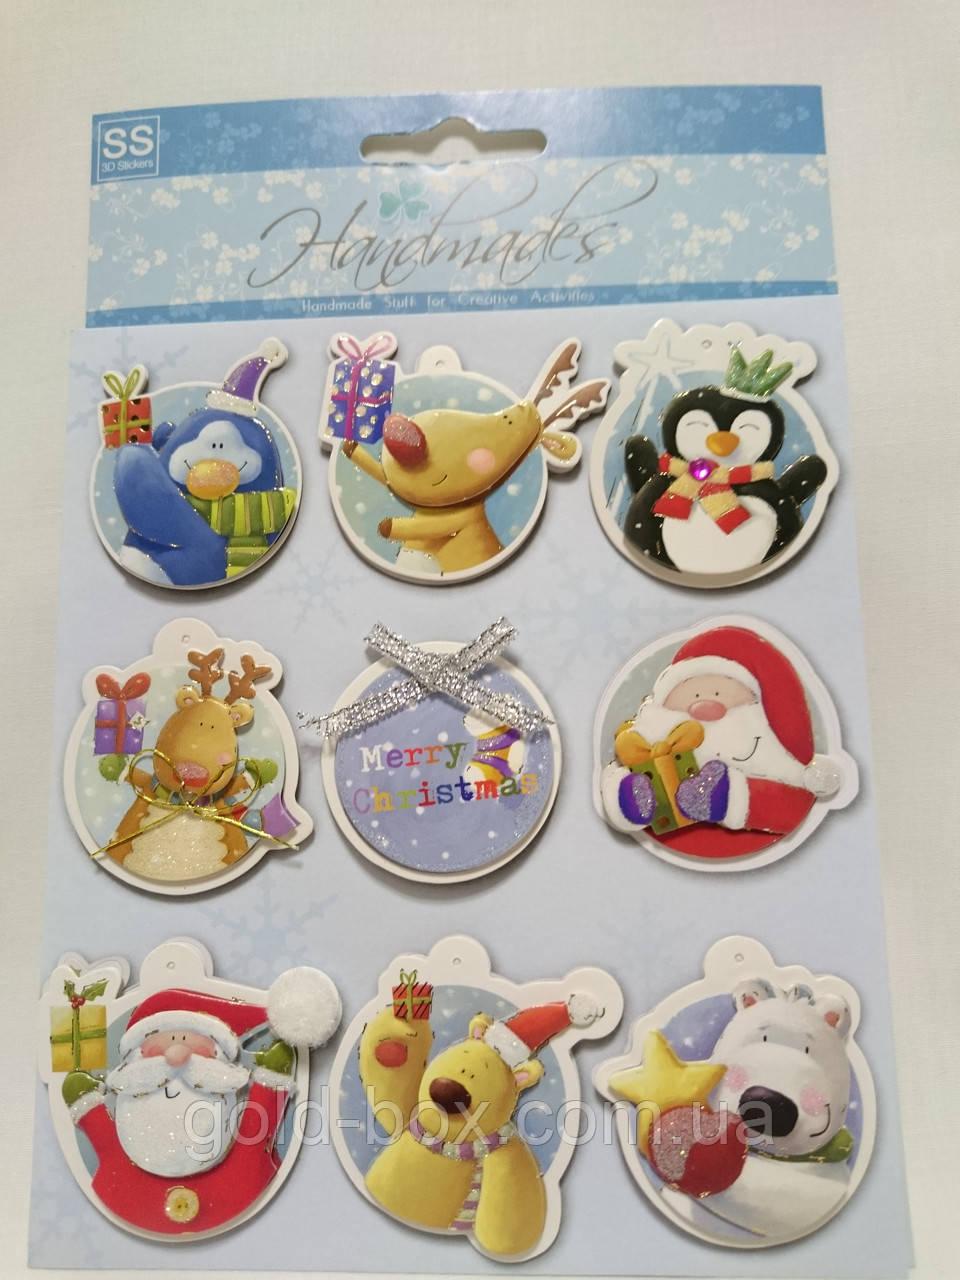 Наклейки для открытки 3D Stickers 6